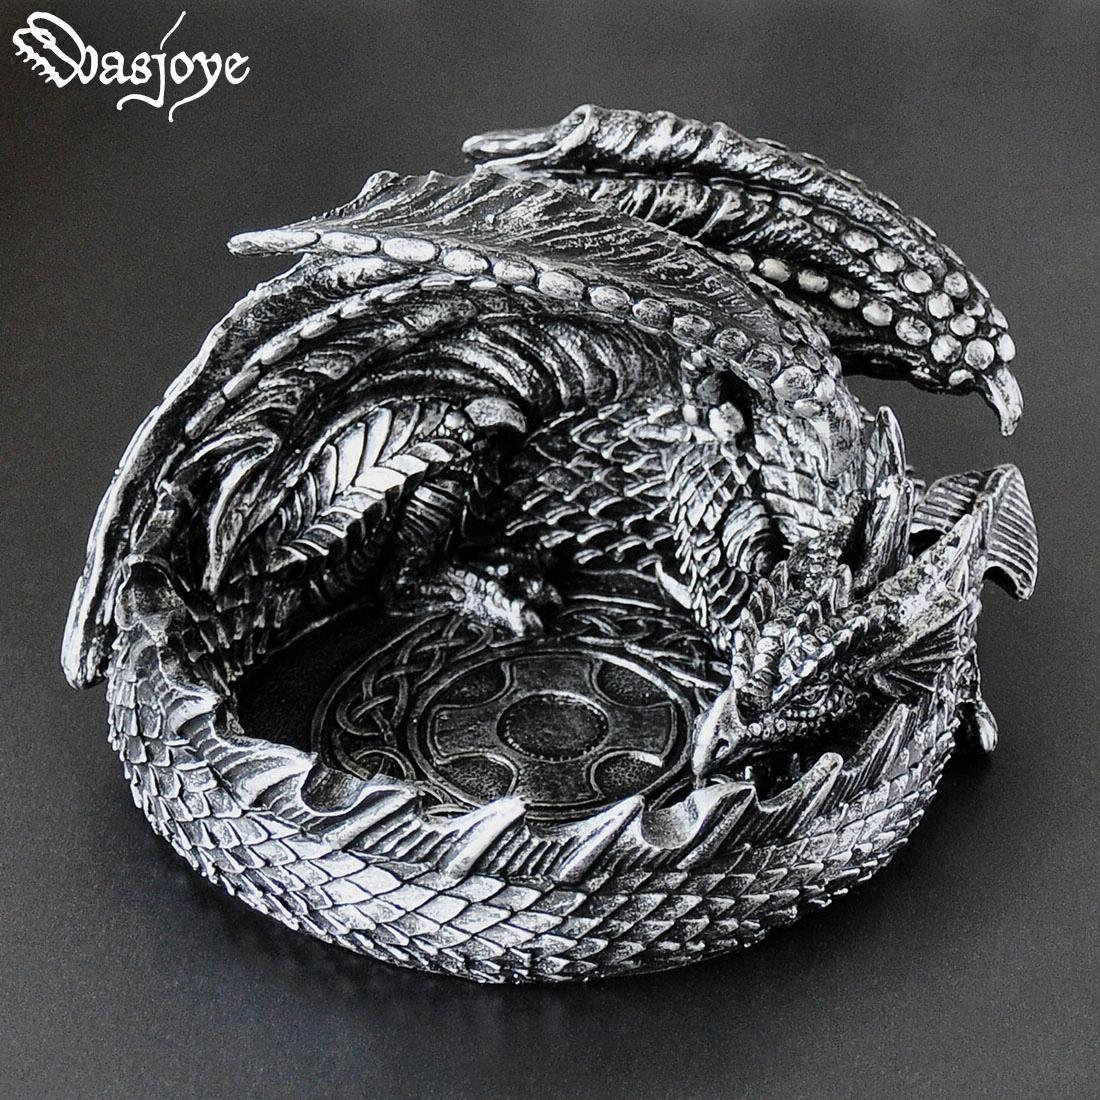 塔格奥龙形欧式家用烟灰缸创意个性潮流多功能时尚男生生日礼品